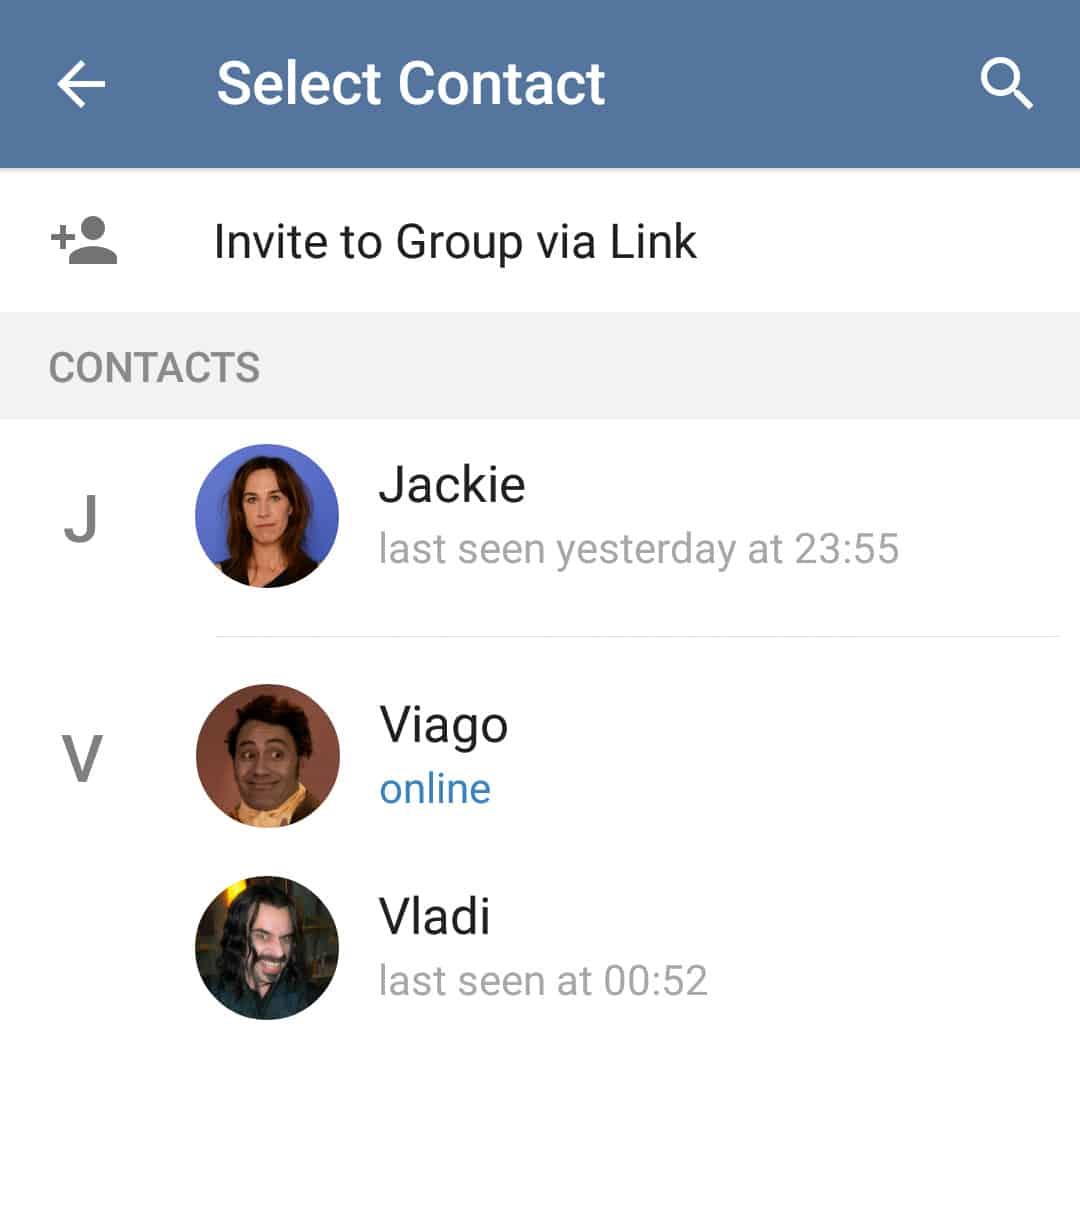 Anda akan diminta untuk mengisi nama grup yang akan dibuat